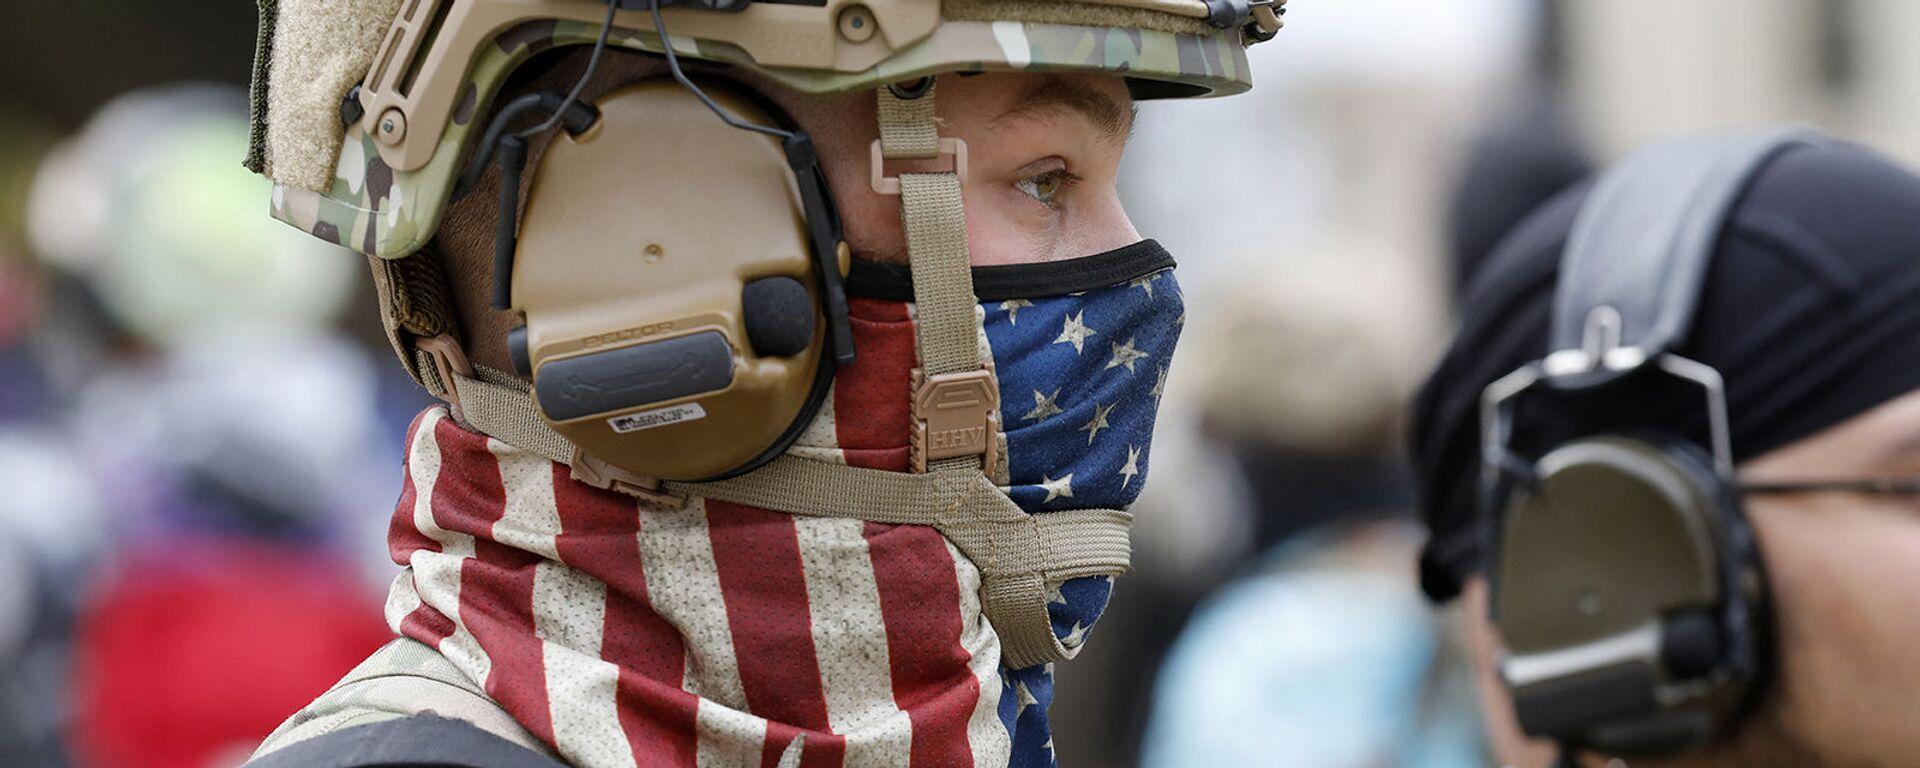 Американский военнослужащий в маске в виде американского флага - Sputnik Армения, 1920, 21.07.2021